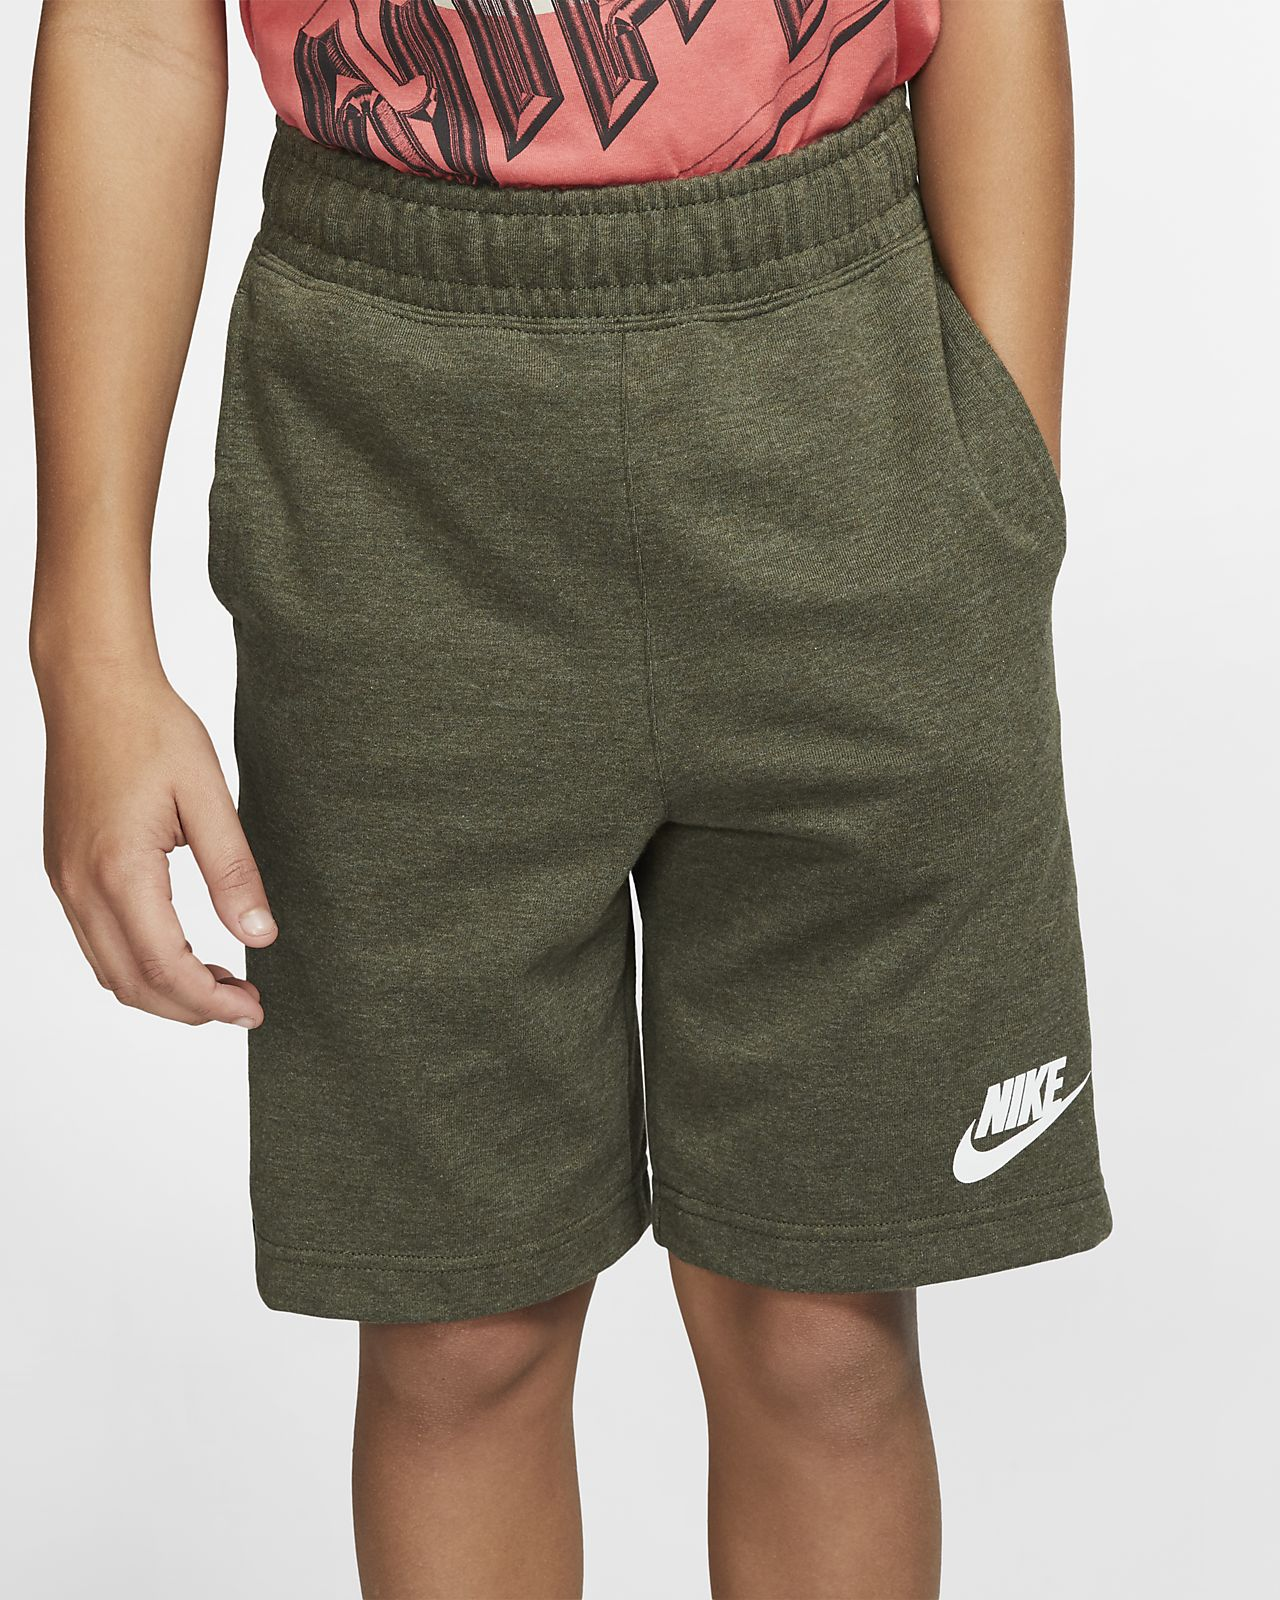 Calções Nike Sportswear Júnior (Rapaz)